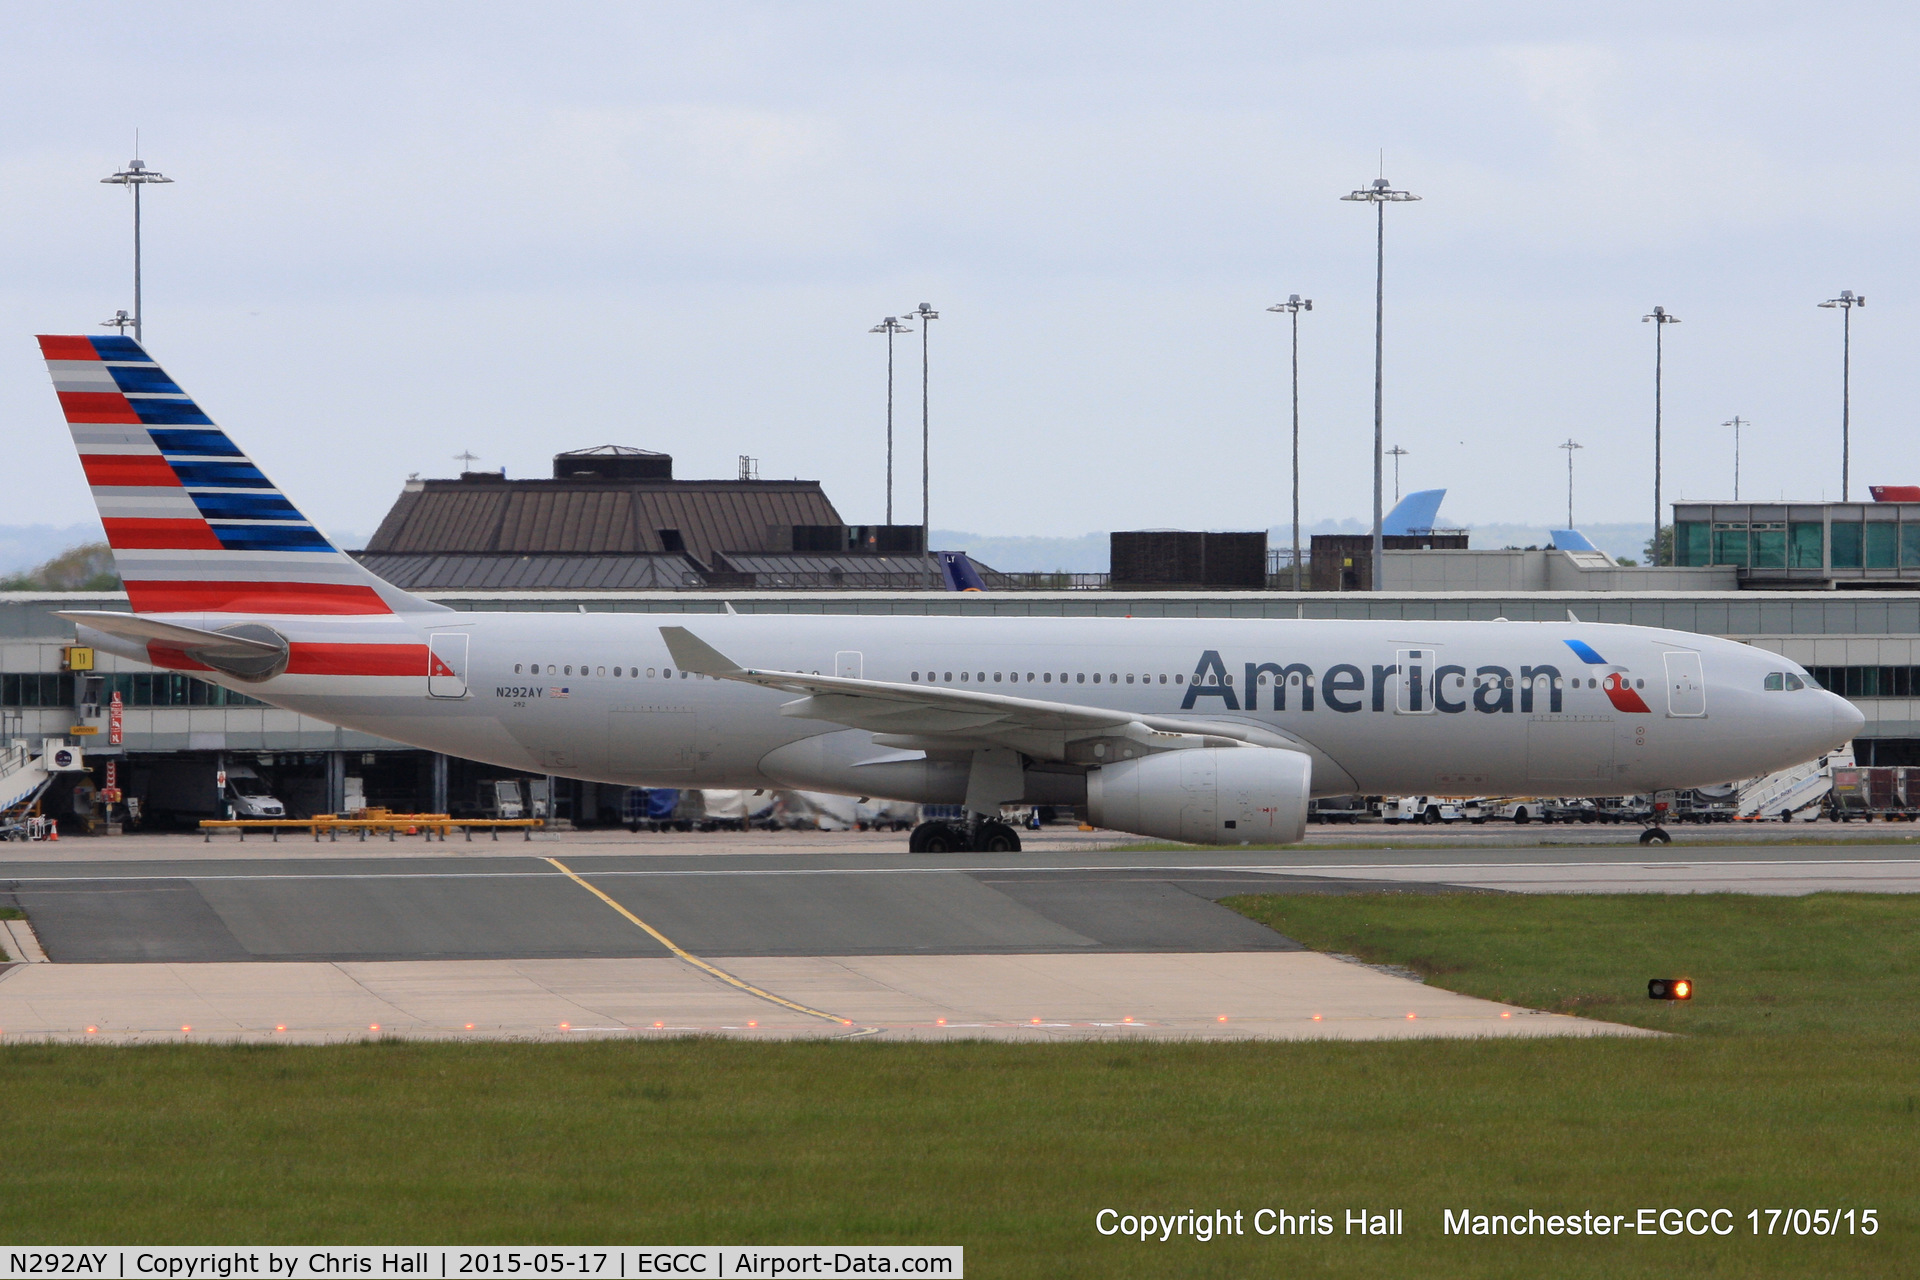 N292AY, 2014 Airbus A330-243 C/N 1512, American Airlines